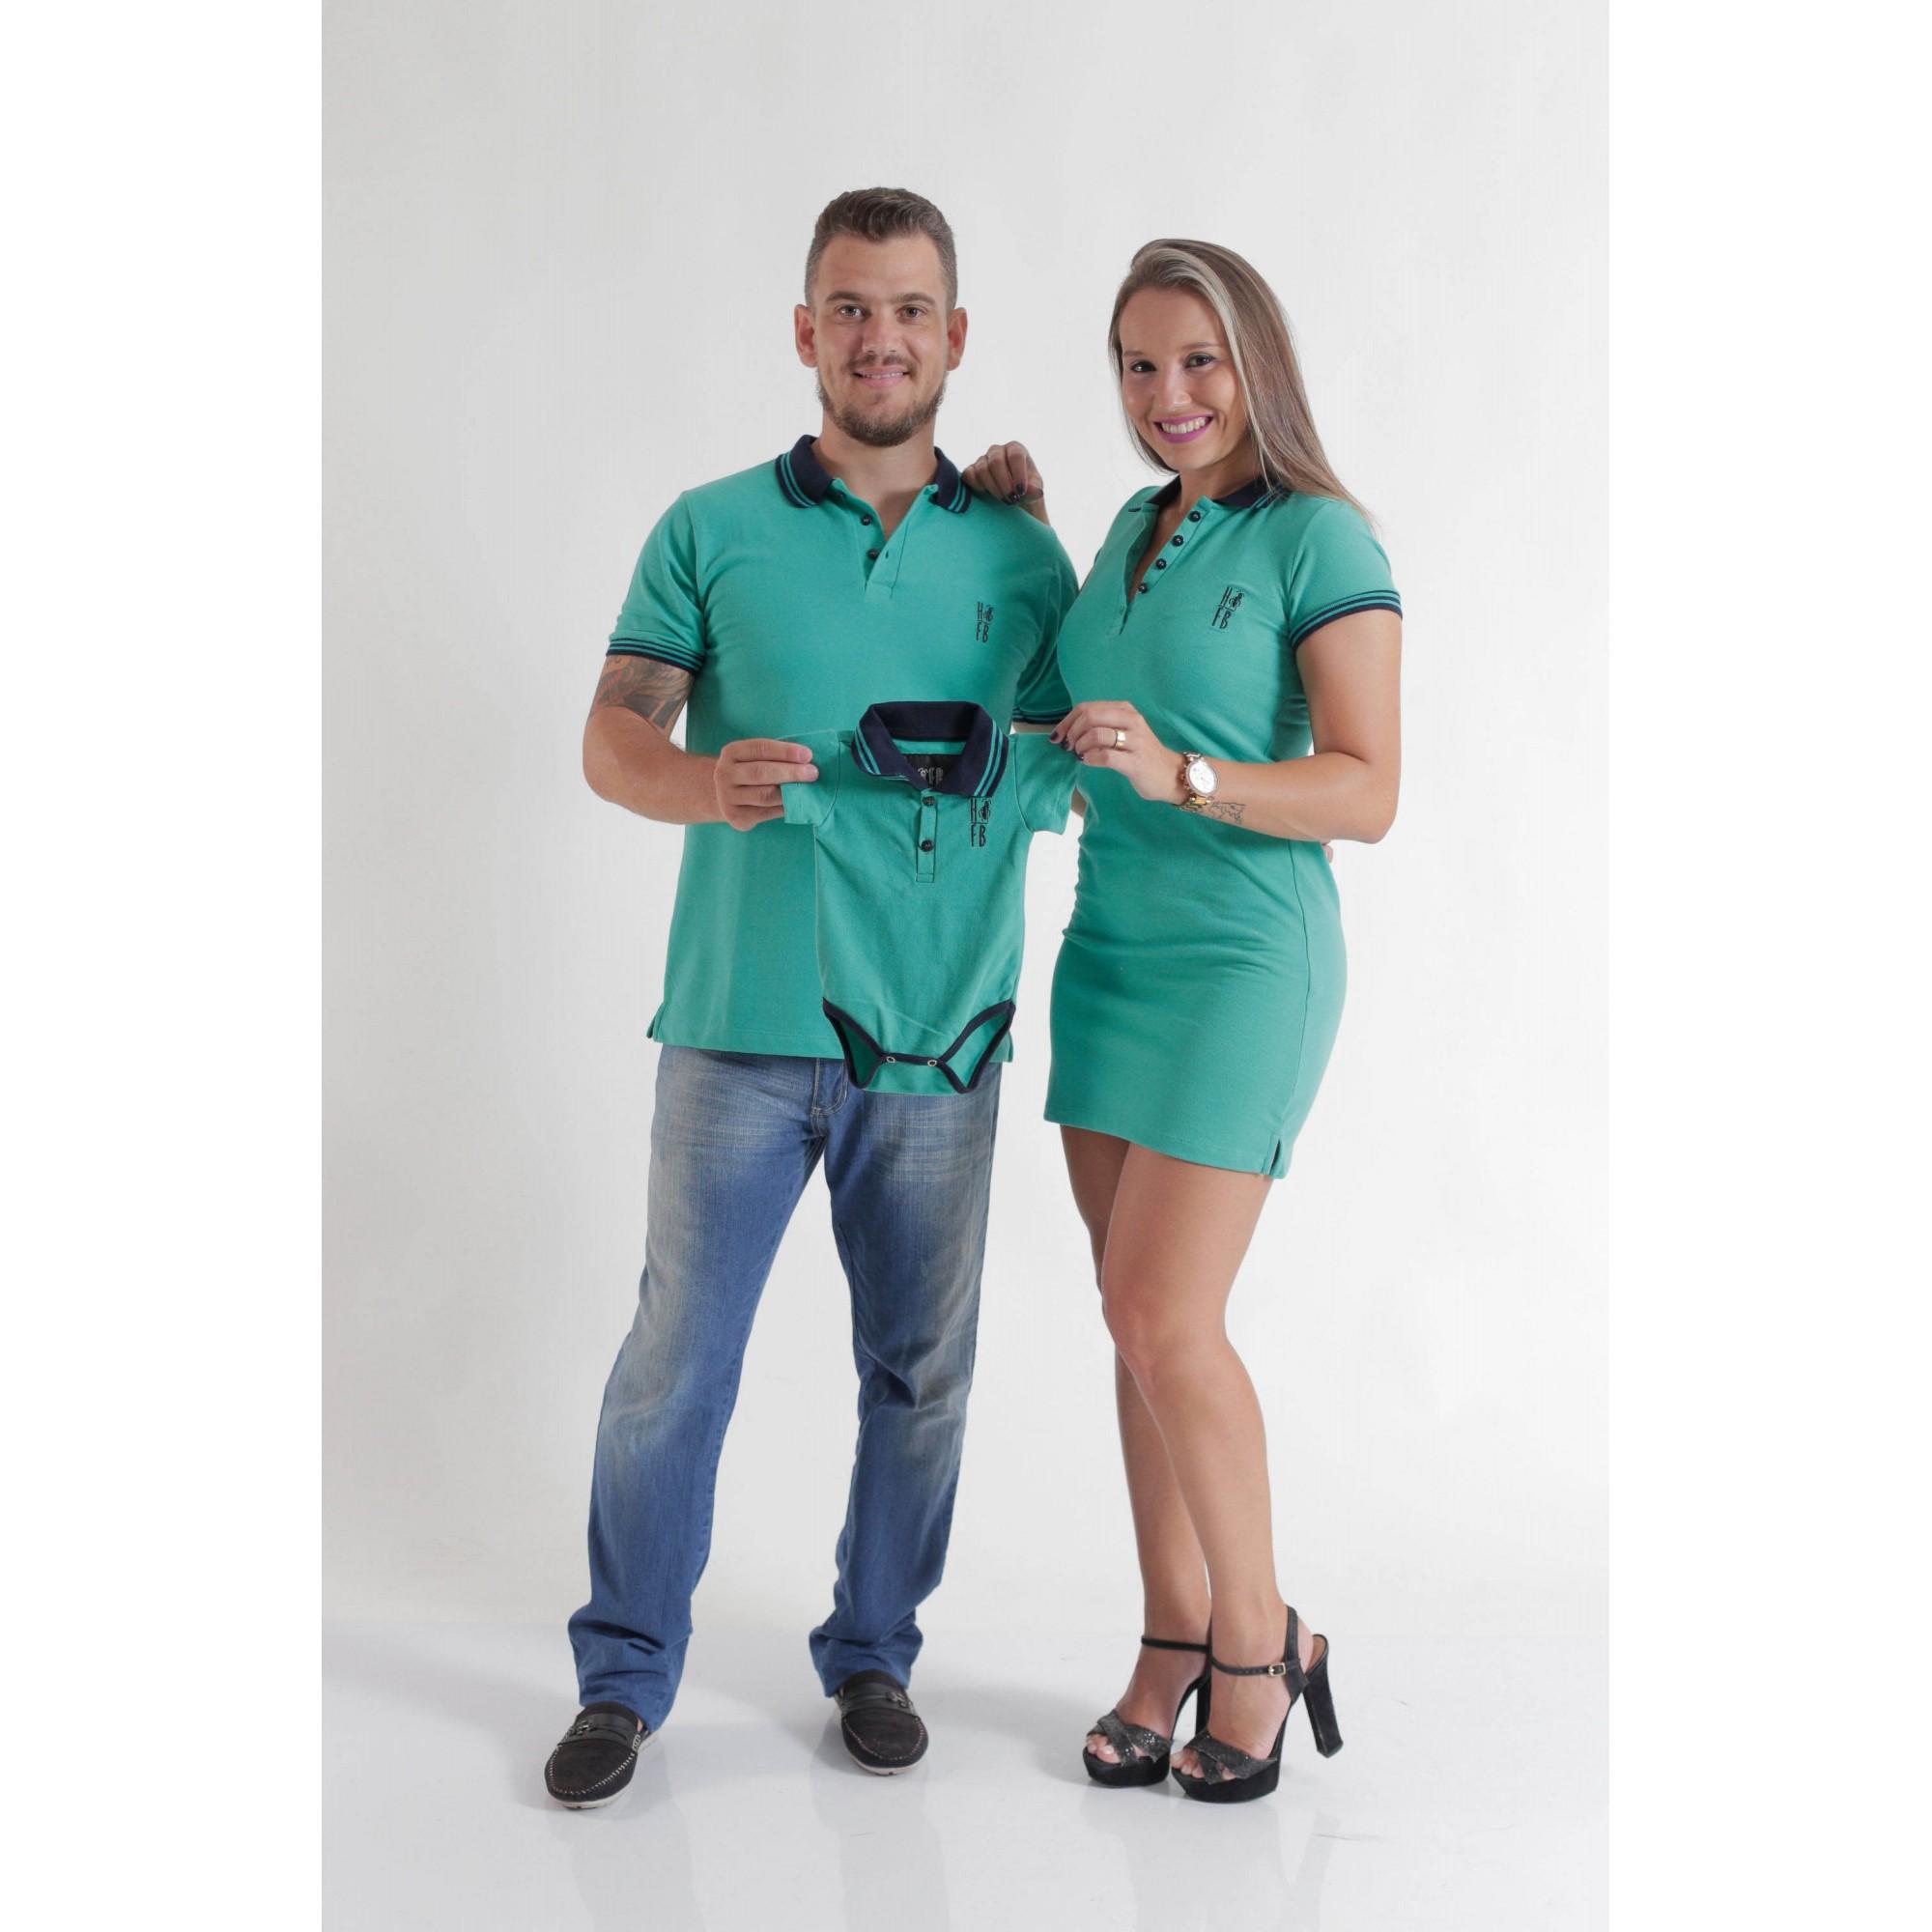 PAIS E FILHOS > Kit 3 Peças - Camisa + Body Unissex + Vestido Polo - Verde Jade [Coleção Família]